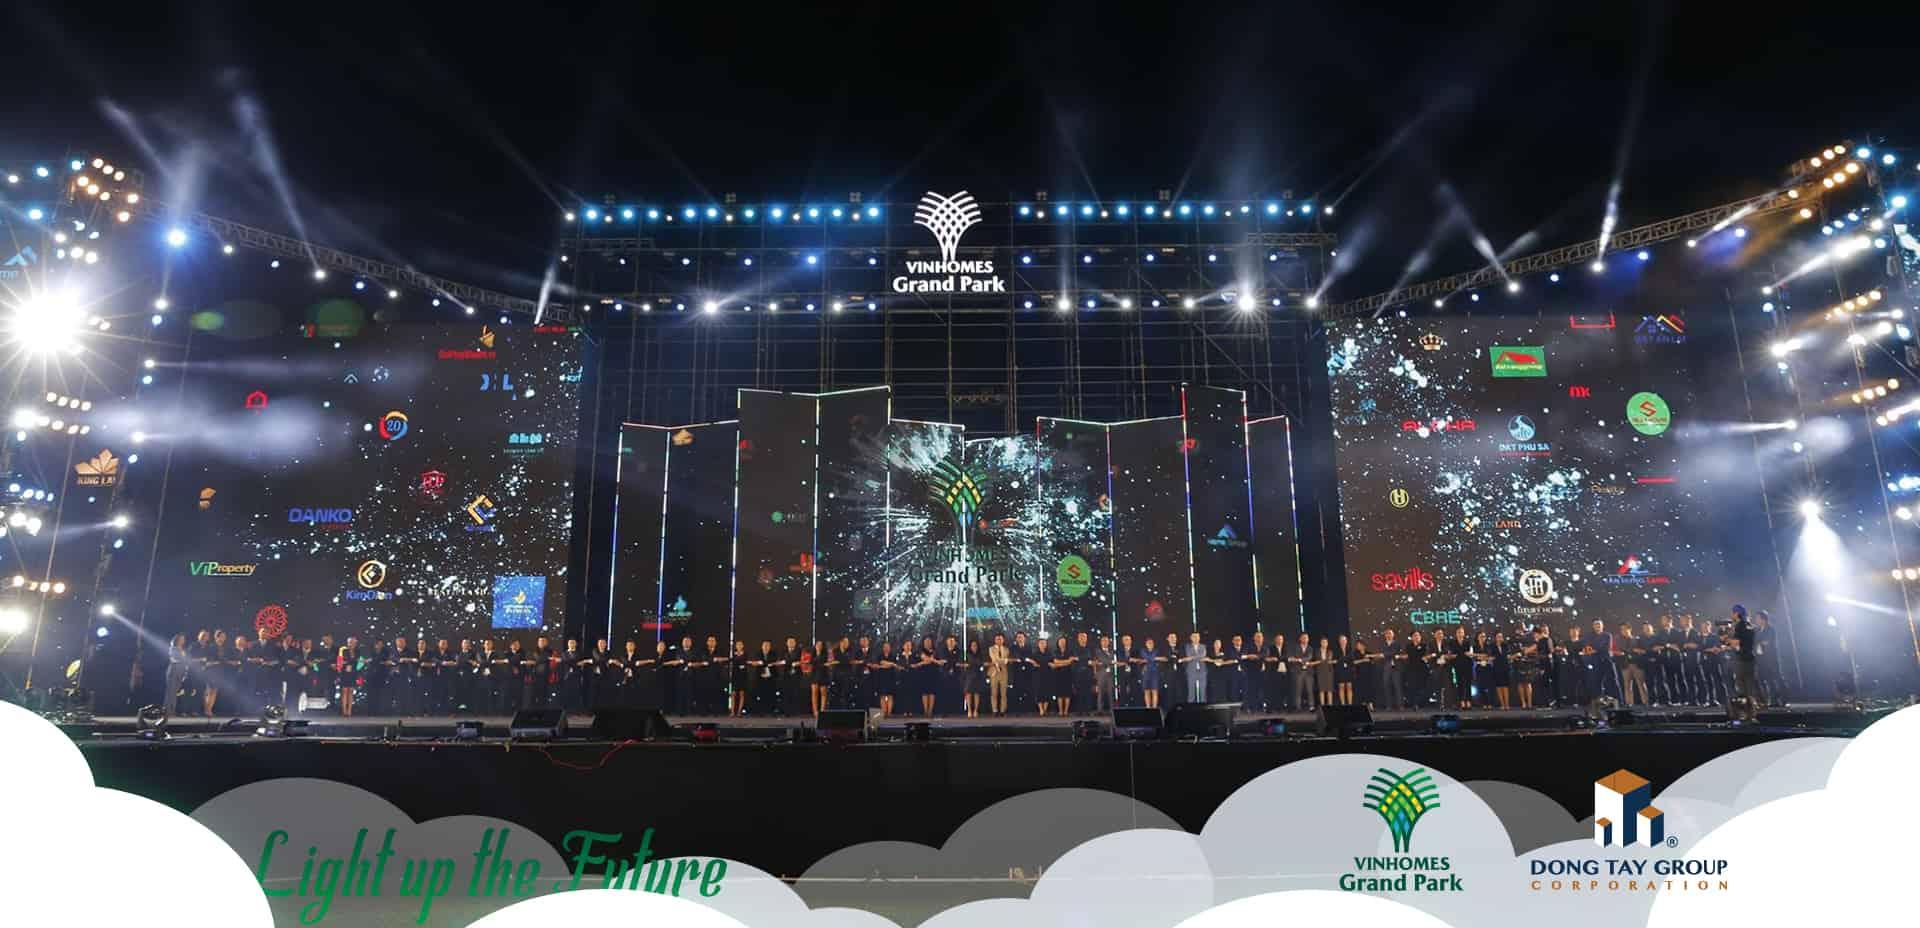 """Bùng nổ cảm xúc cùng Ngày hội """"Đại đô thị đẳng cấp Singapore"""" Vinhomes Grand Park – Light up the future 5"""